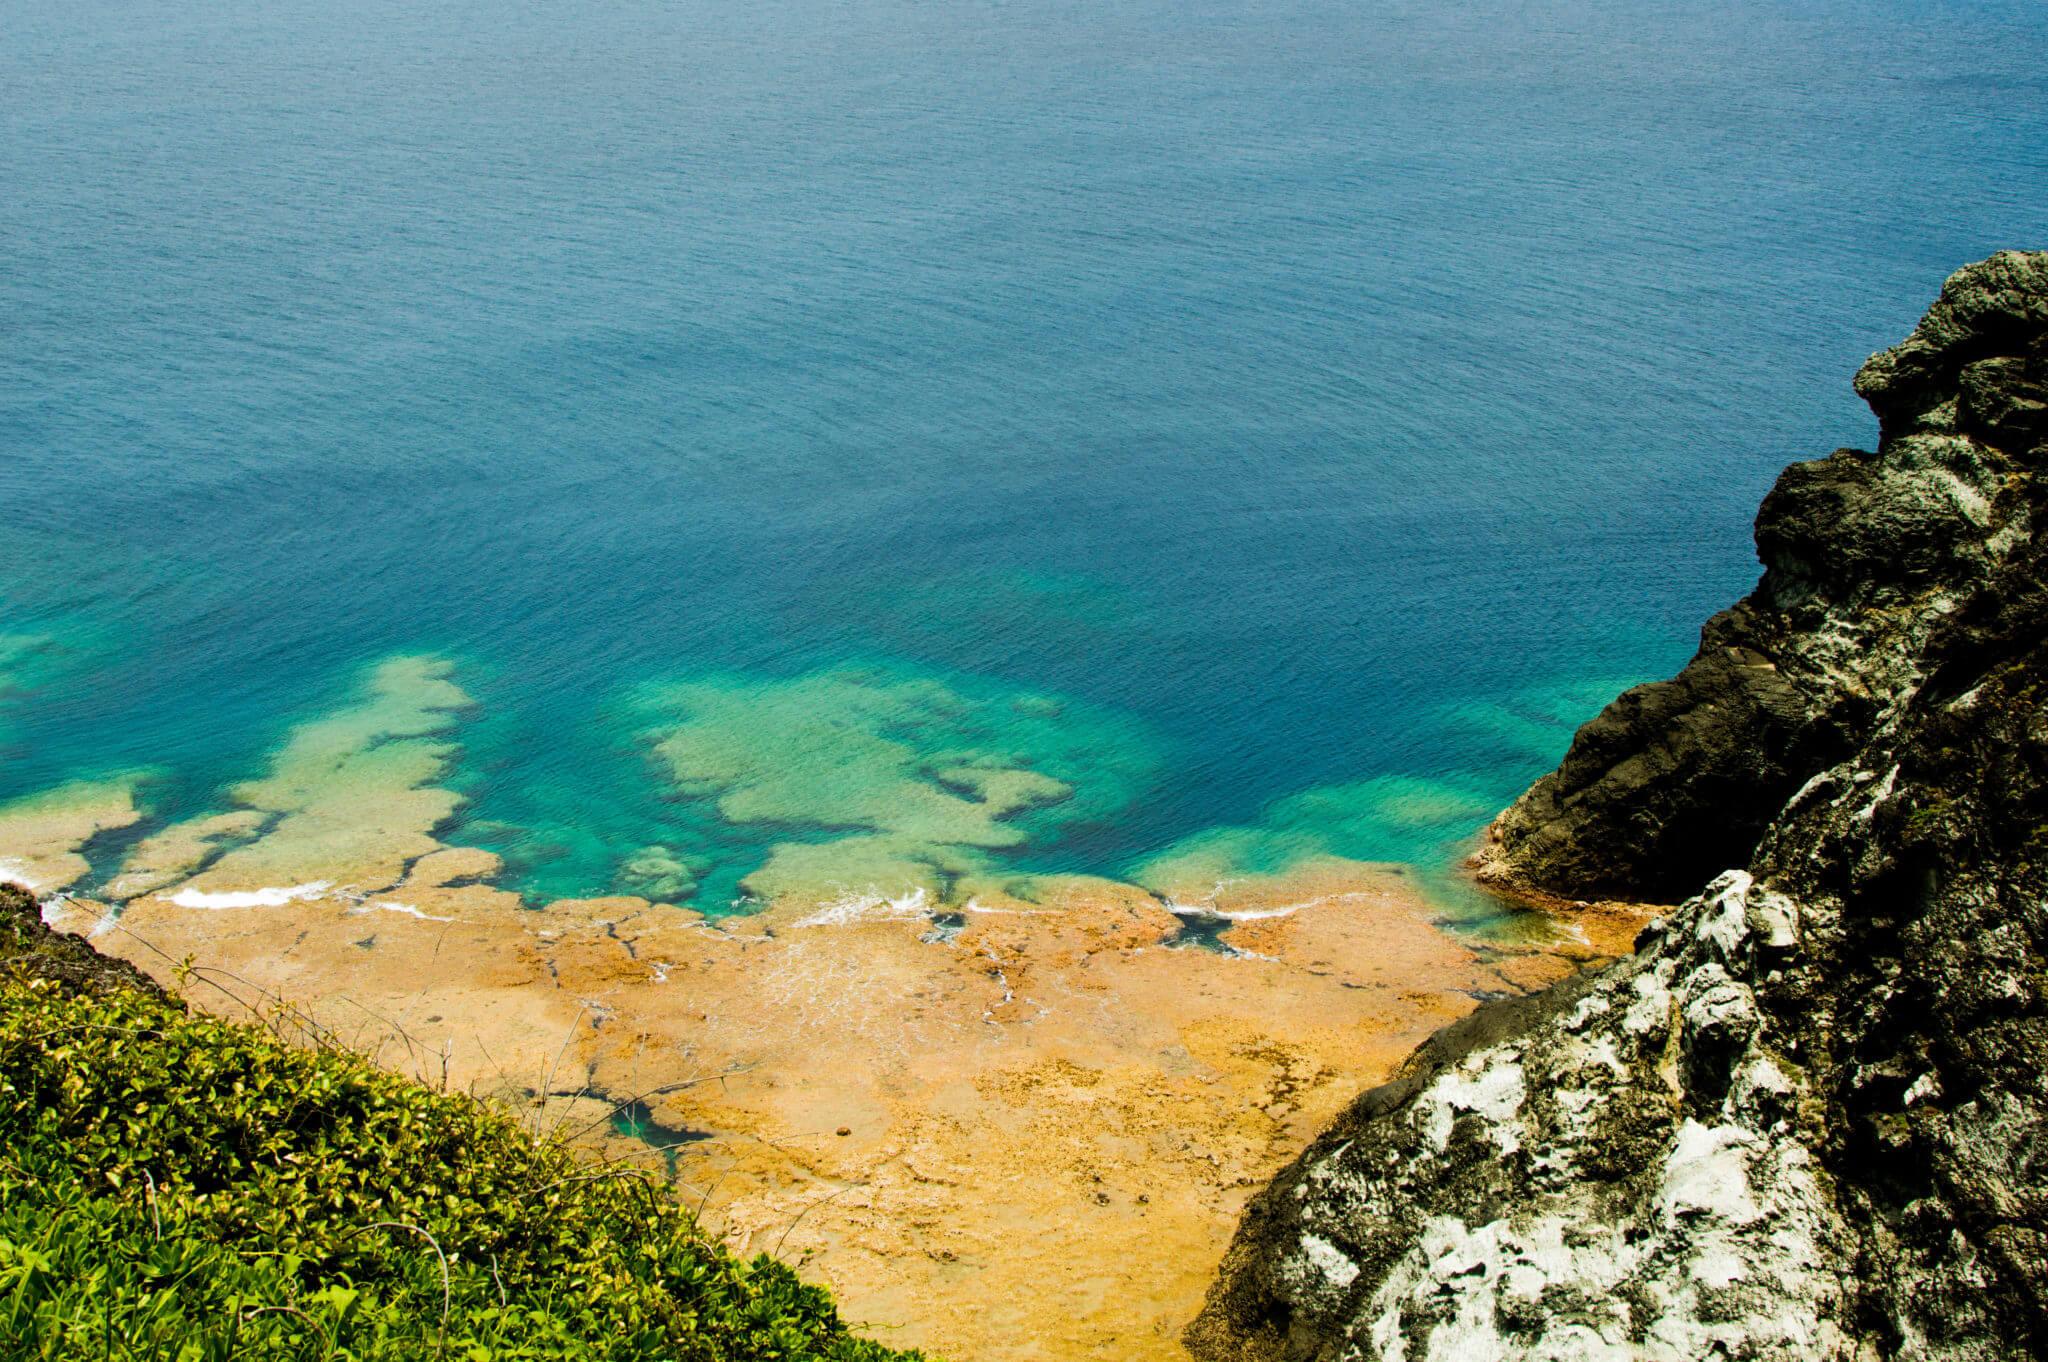 海の日だし、沖縄のリーフで生き物の写真撮ったり釣りしたりして遊び回ってきた。一人で。